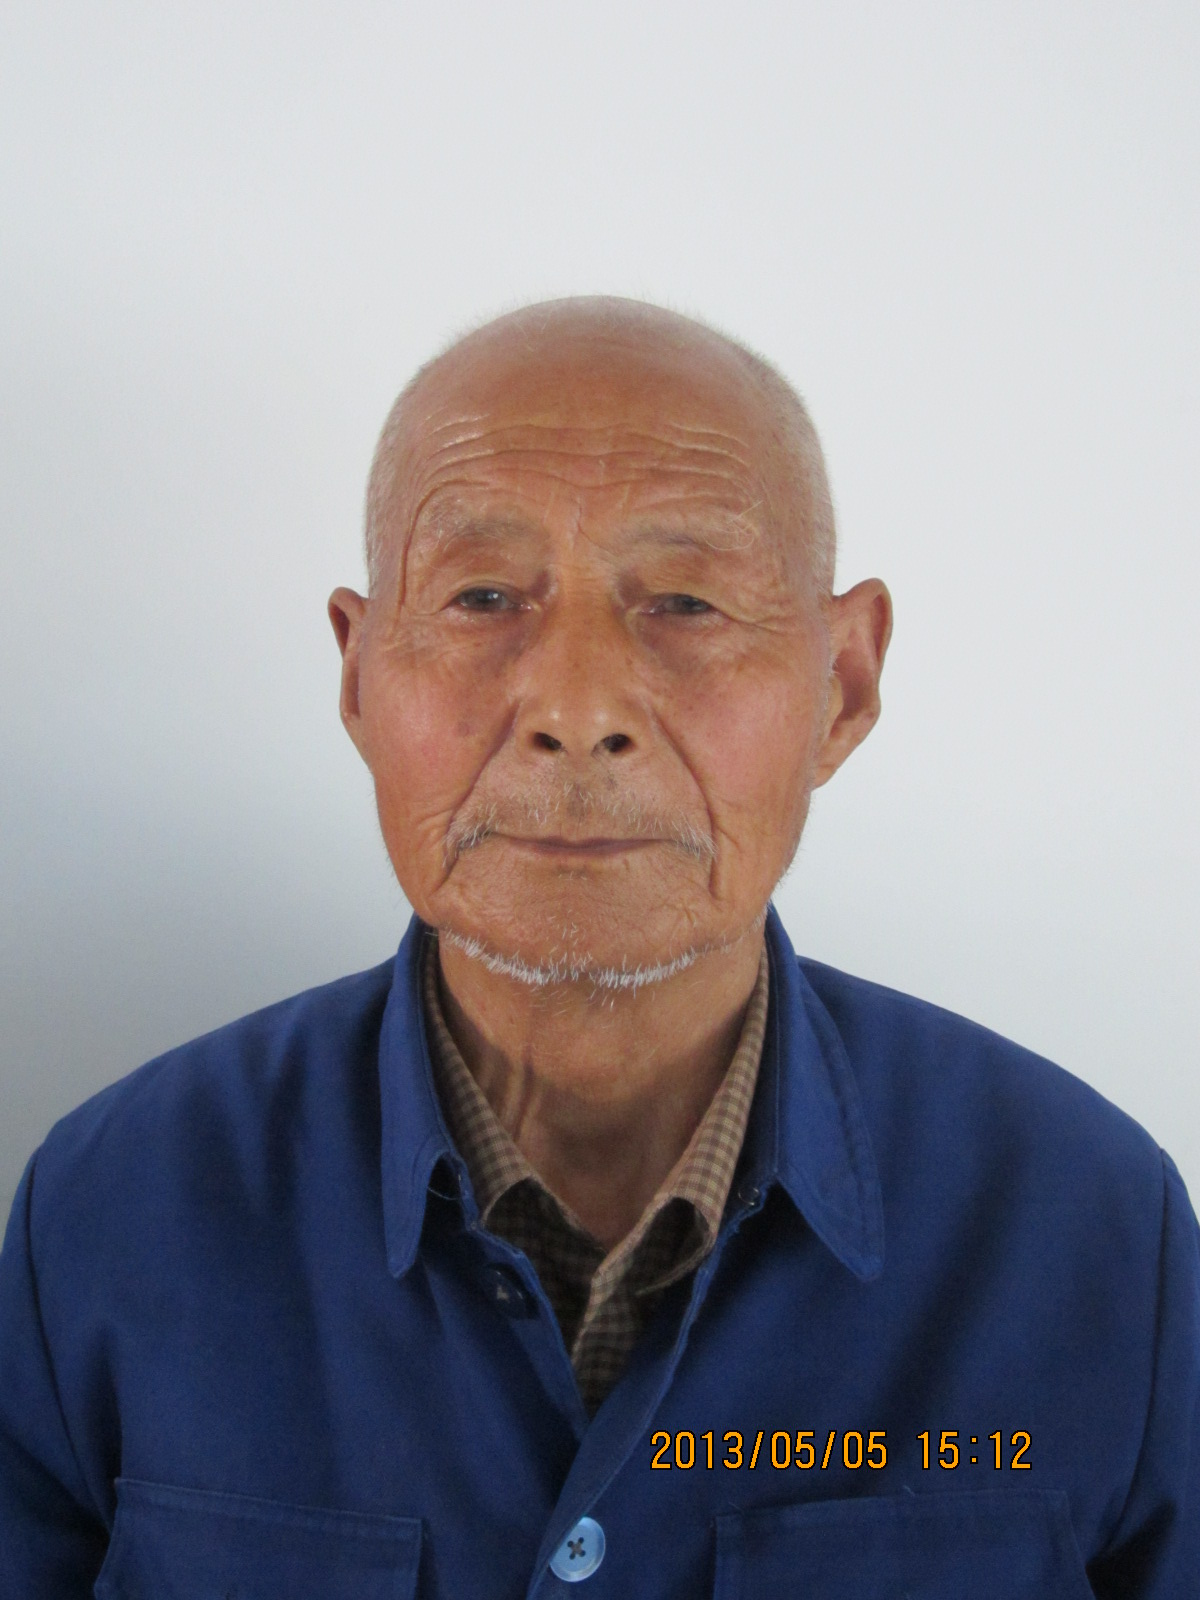 正面老人照片_求一张老人或者叔叔辈的照片,正面照,我的暑期社会实践用.谢谢啦